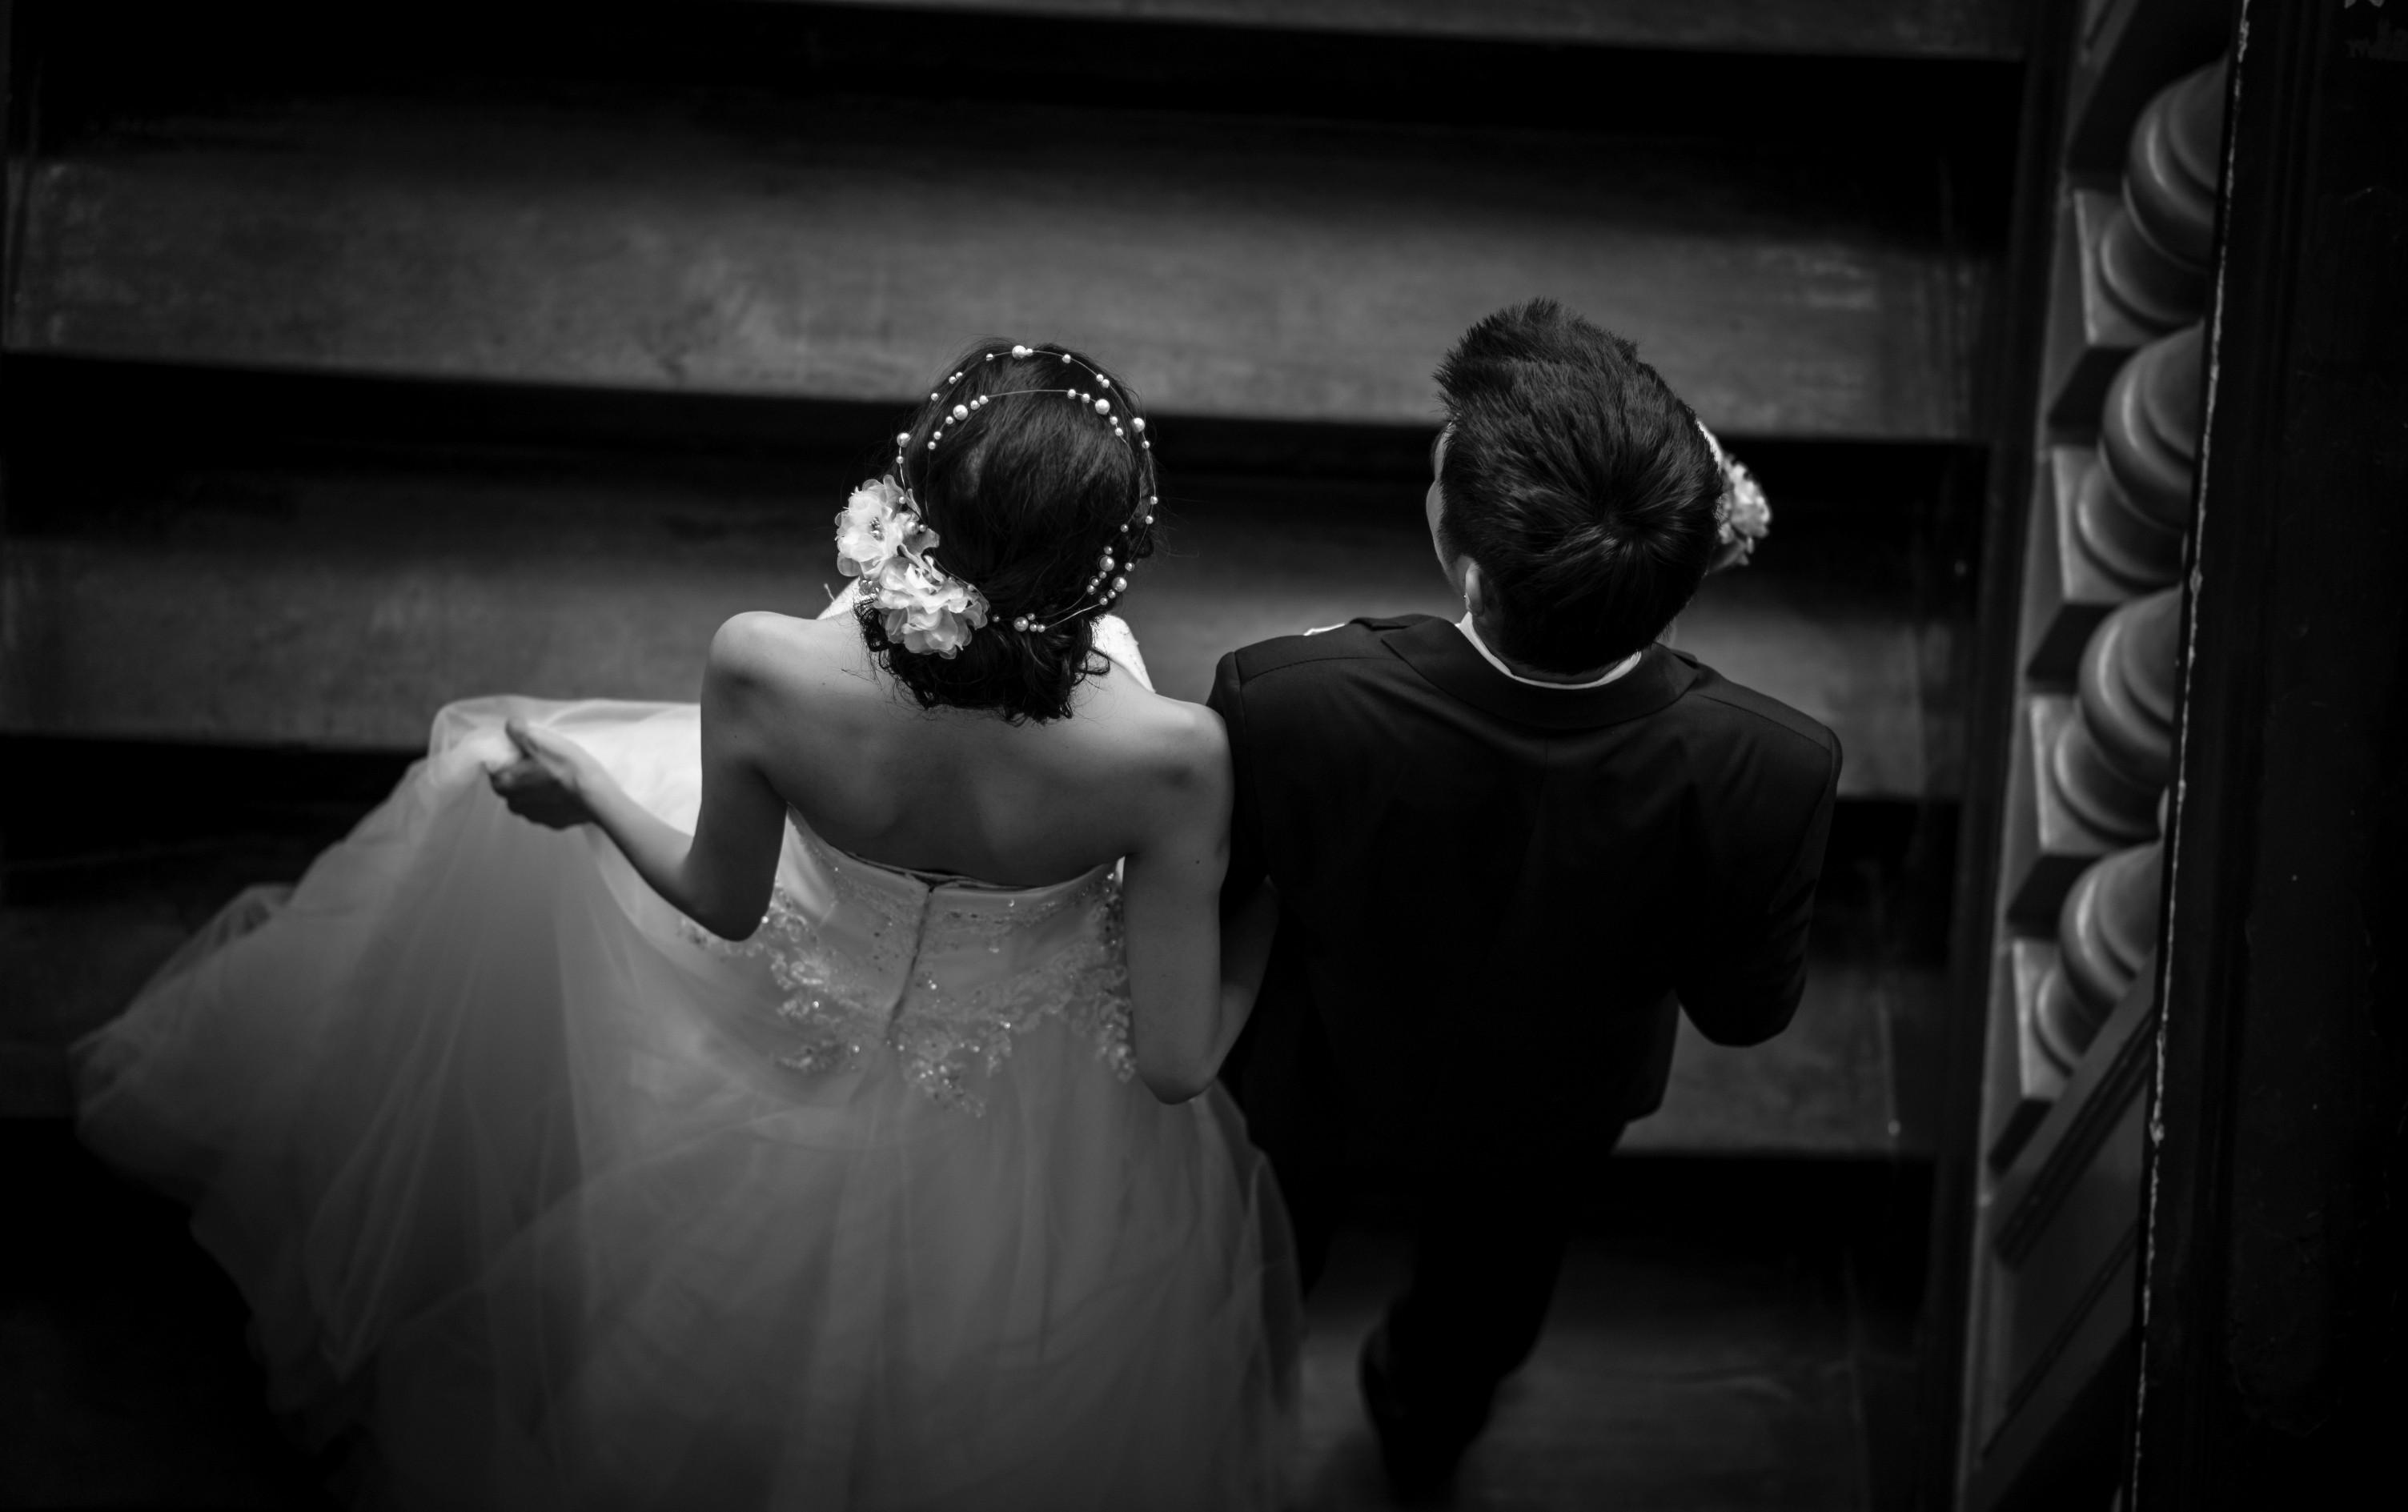 Kvinder Herrer Baggrunde Bryllupper Bryllup Brud Kjole Par 4OnqwU1a